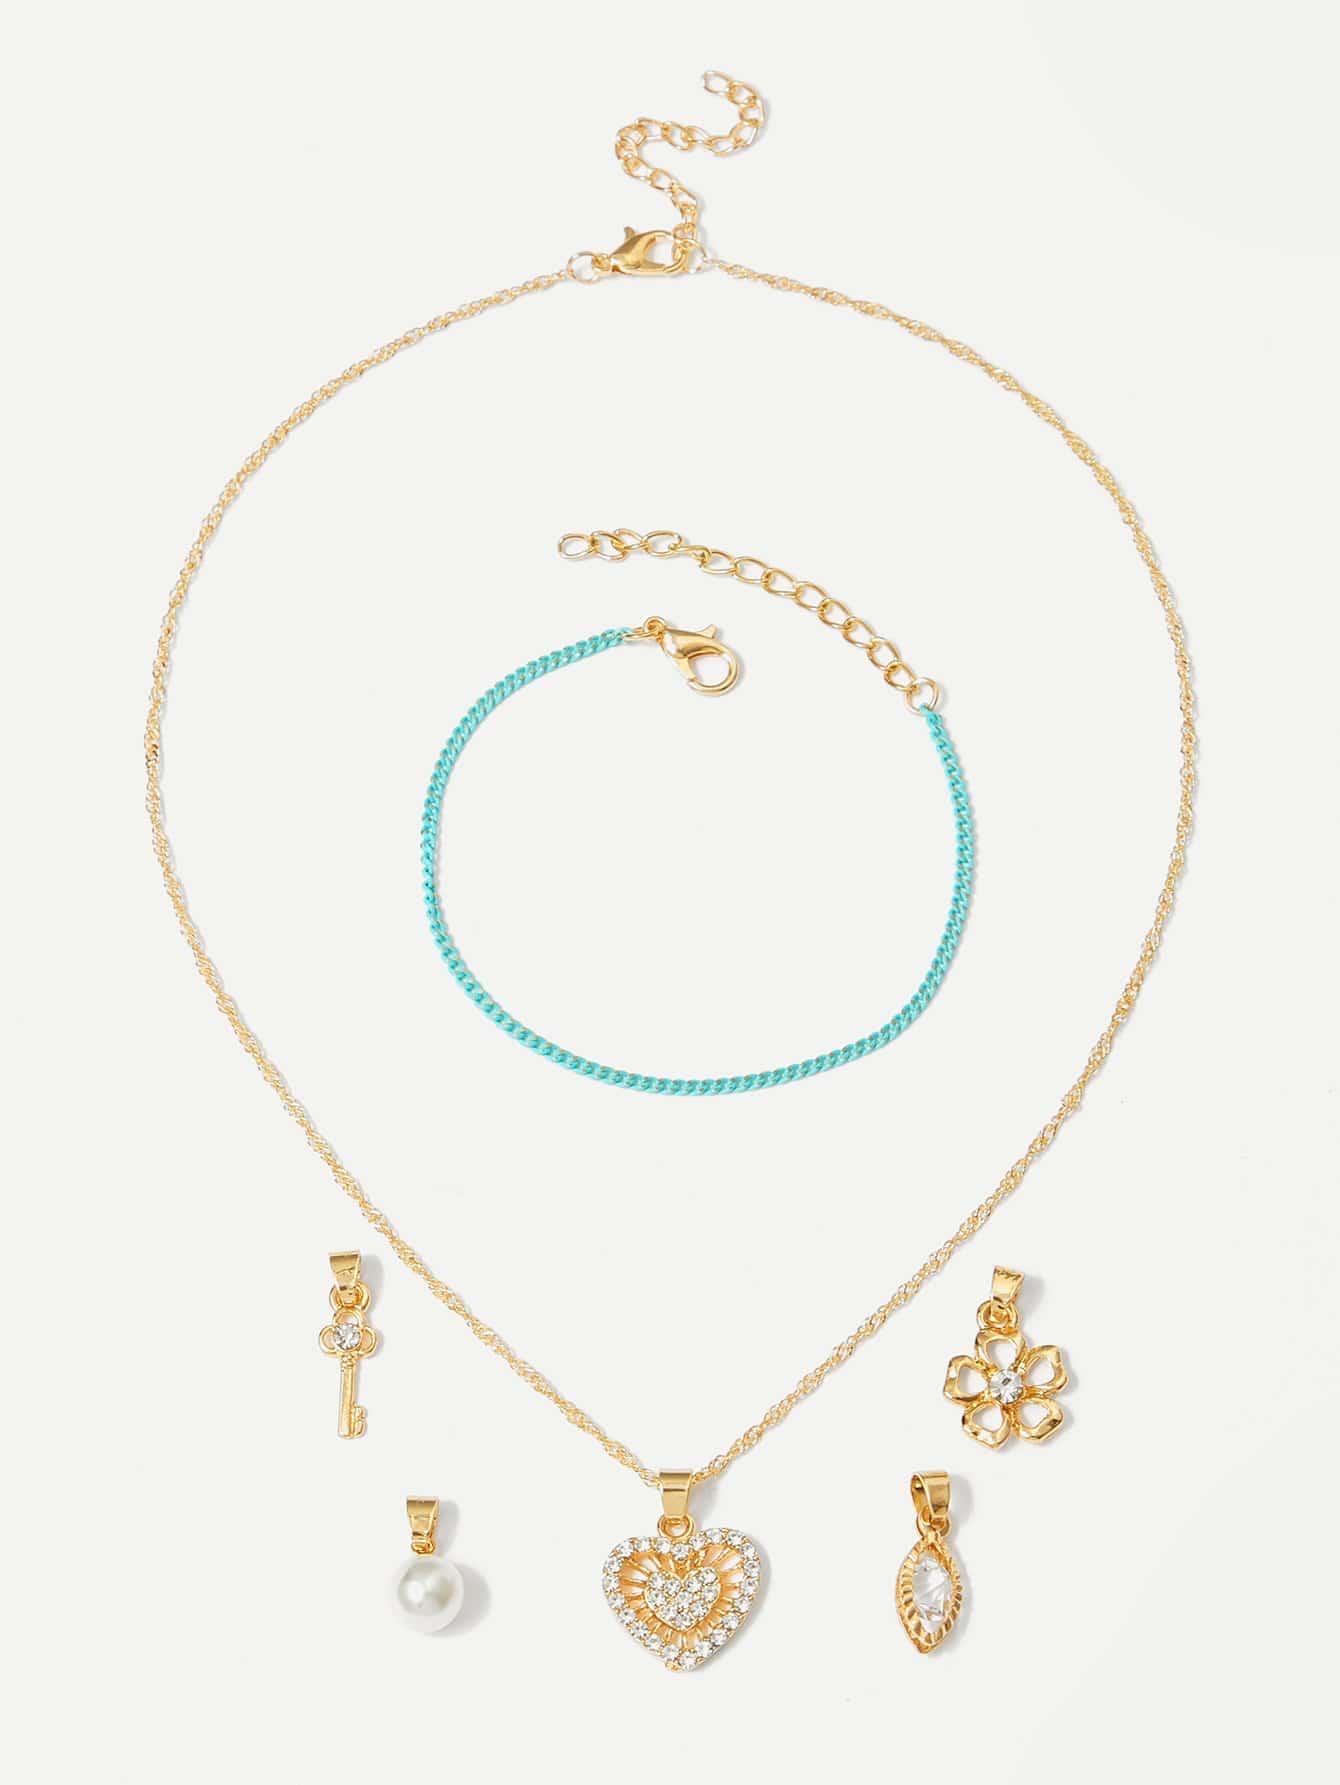 Detachable Necklace 4pcs & Bracelet 1pcs